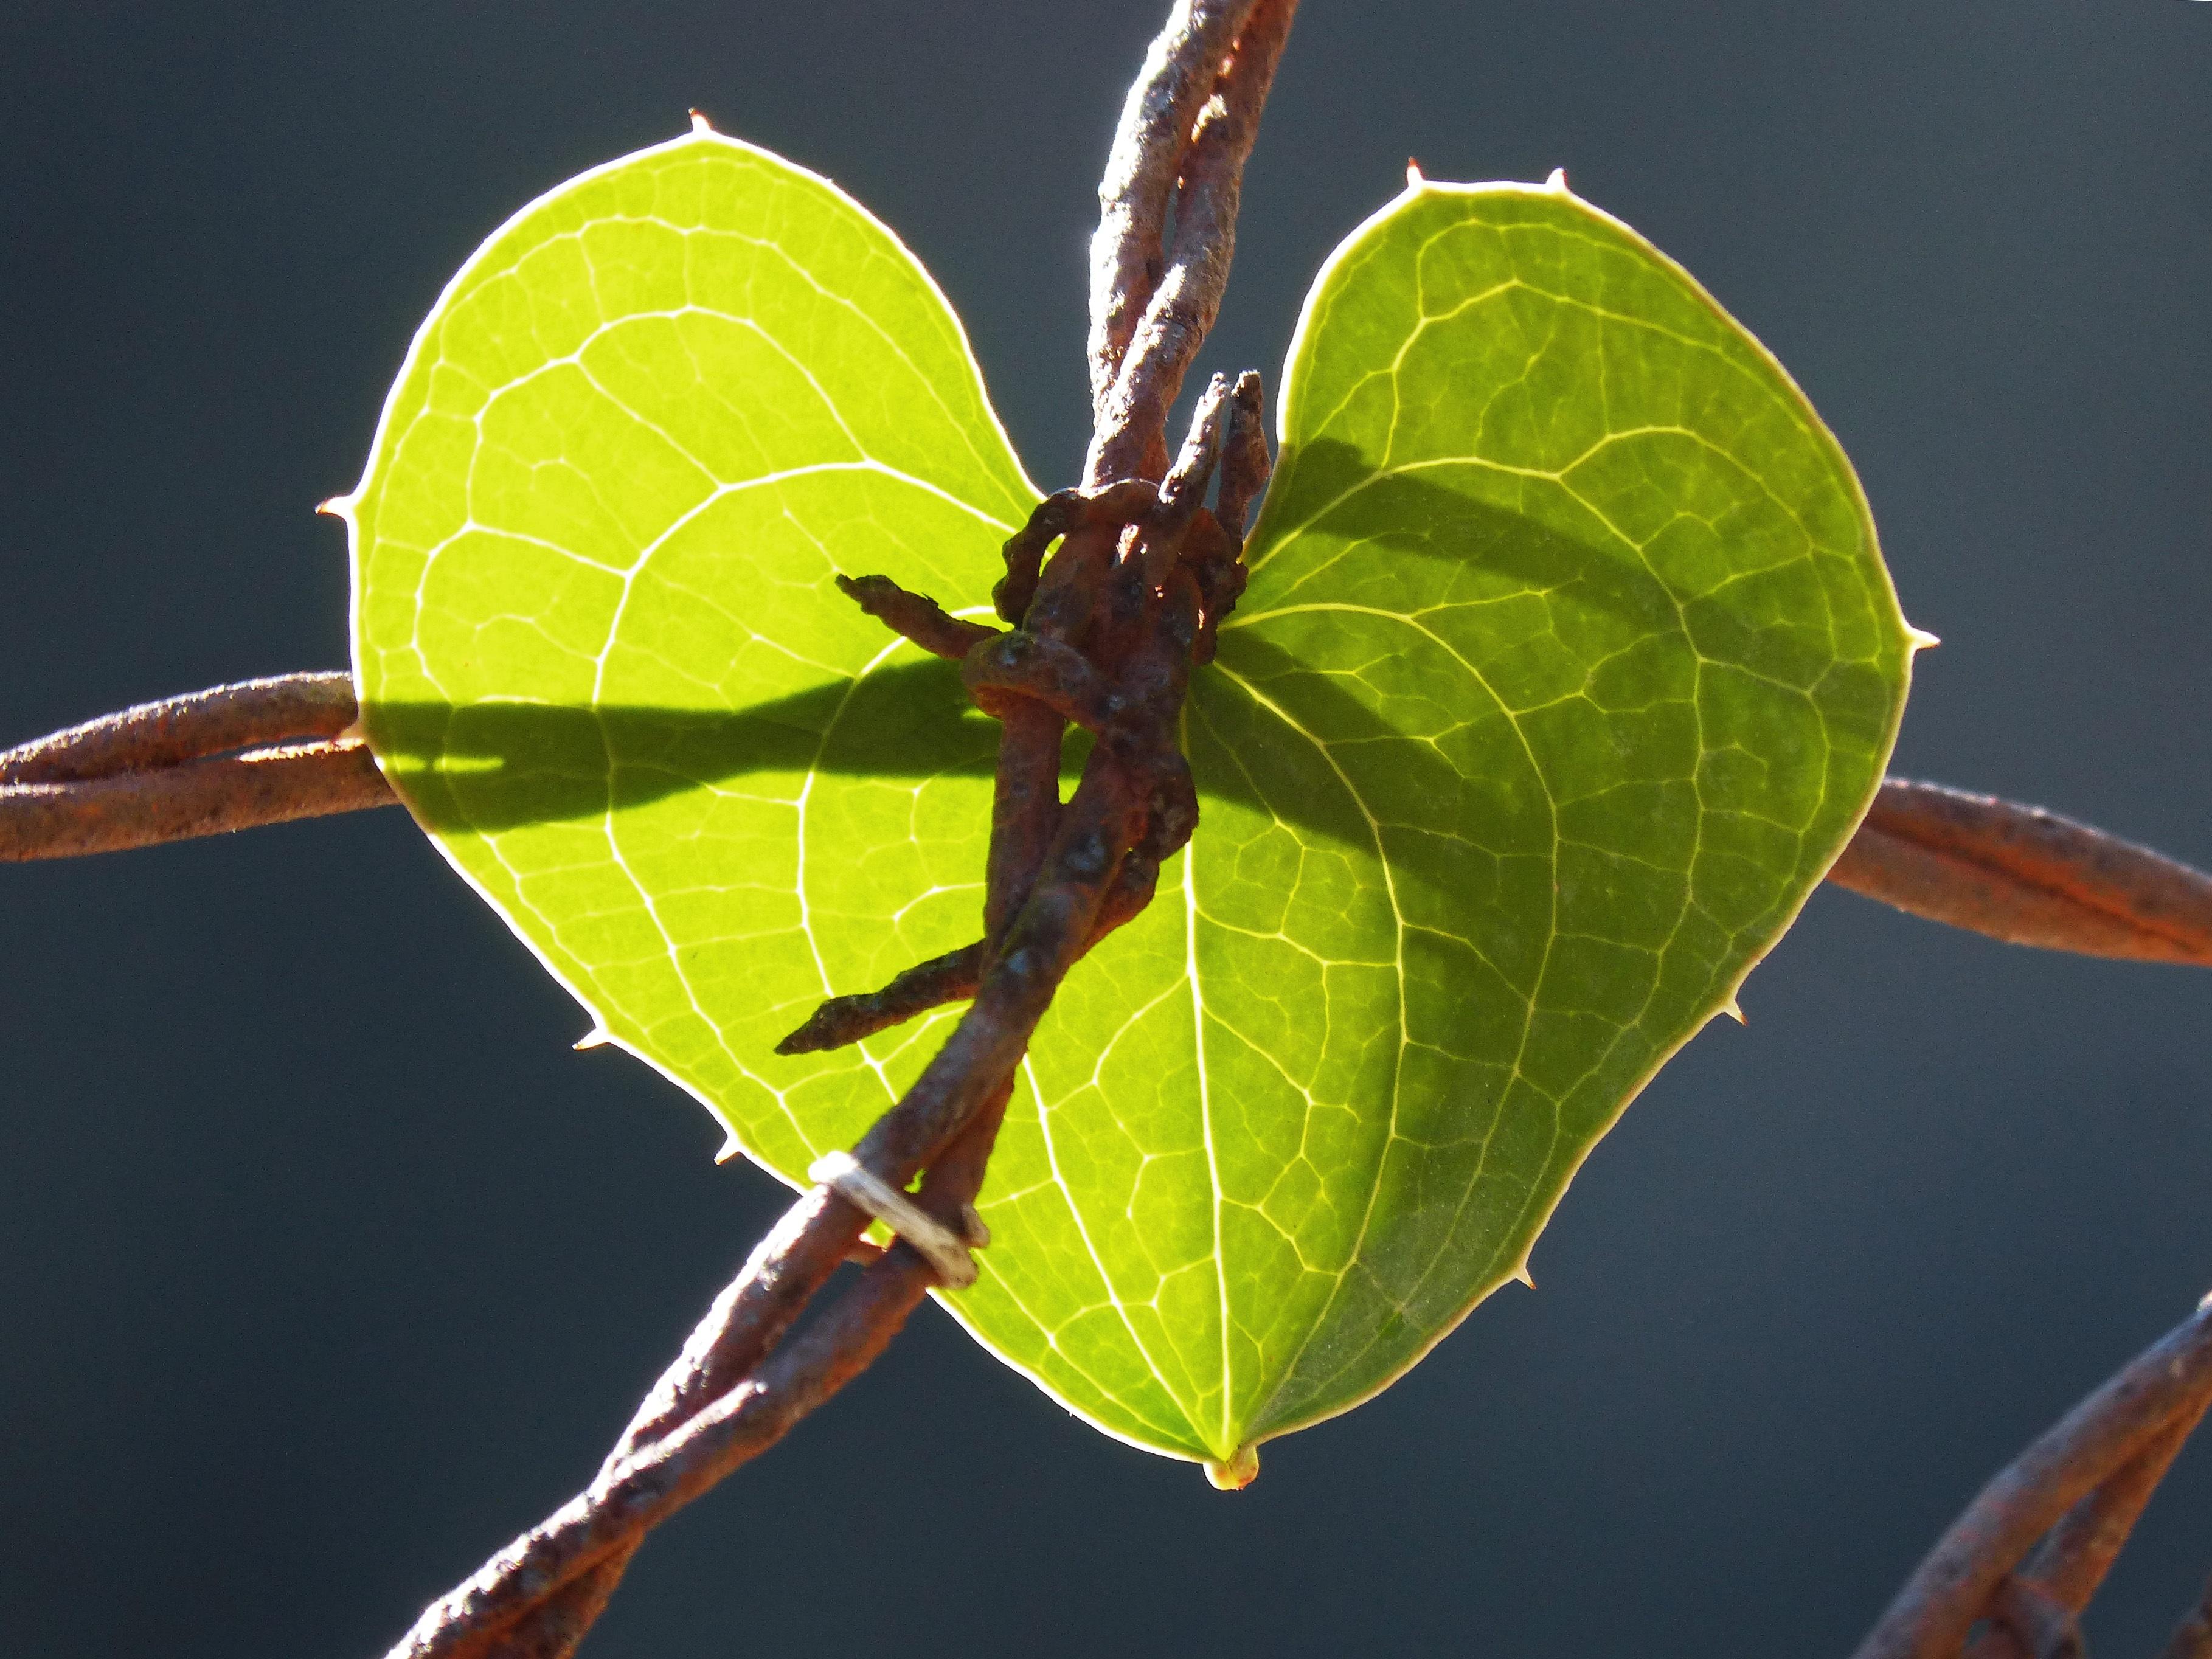 Fotos gratis : naturaleza, rama, alambre de espino, fotografía, hoja ...